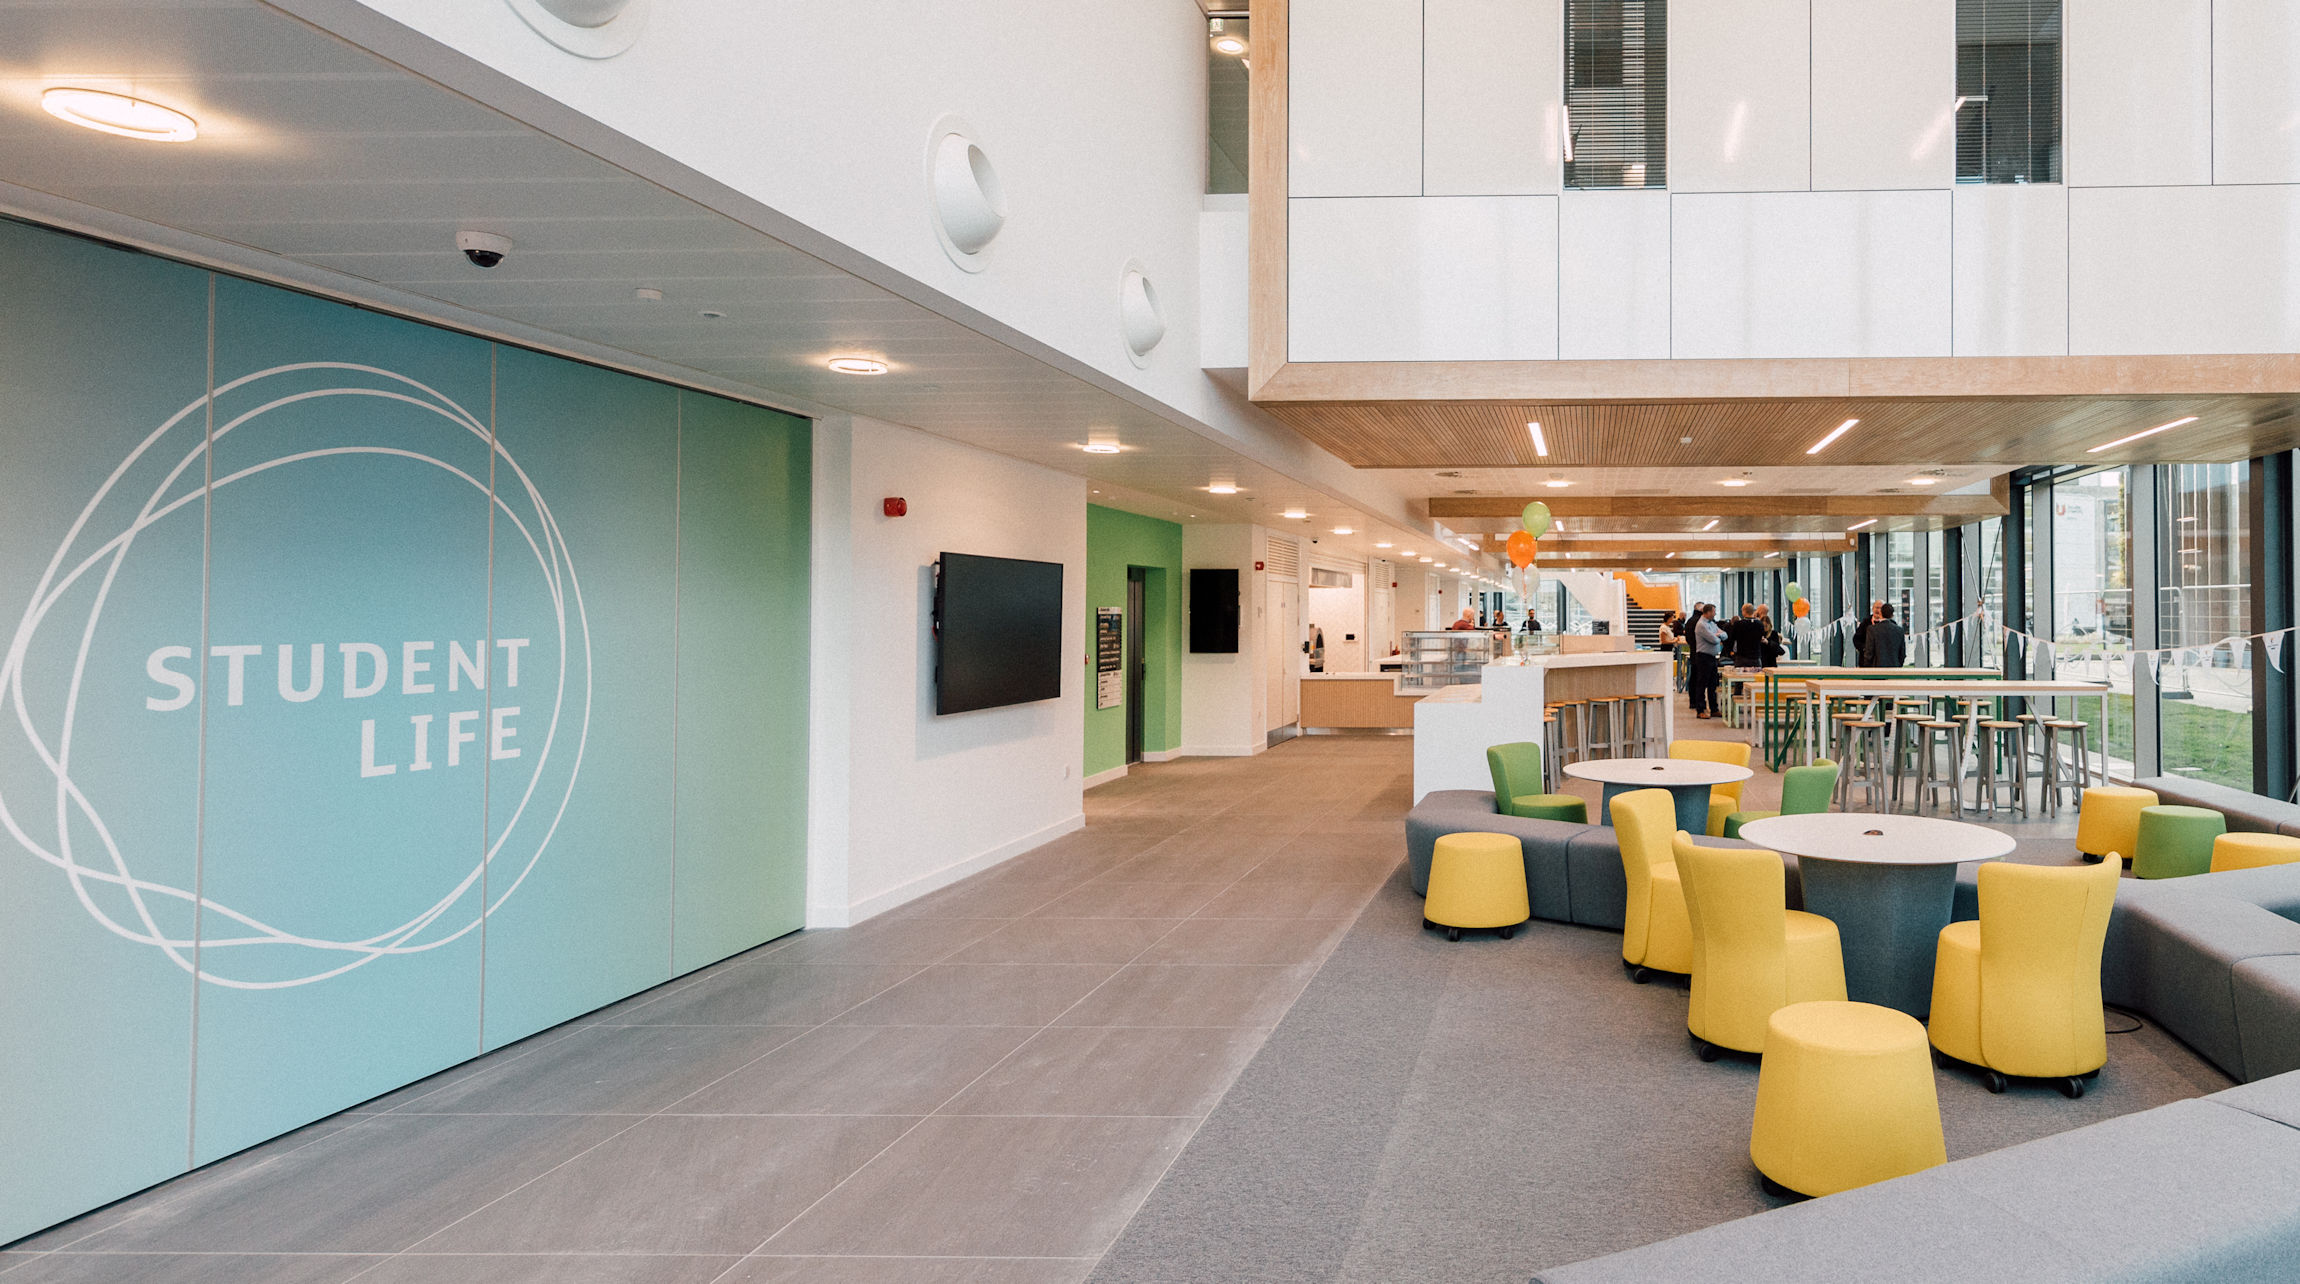 提赛德大学新学生生活大楼正式投入使用